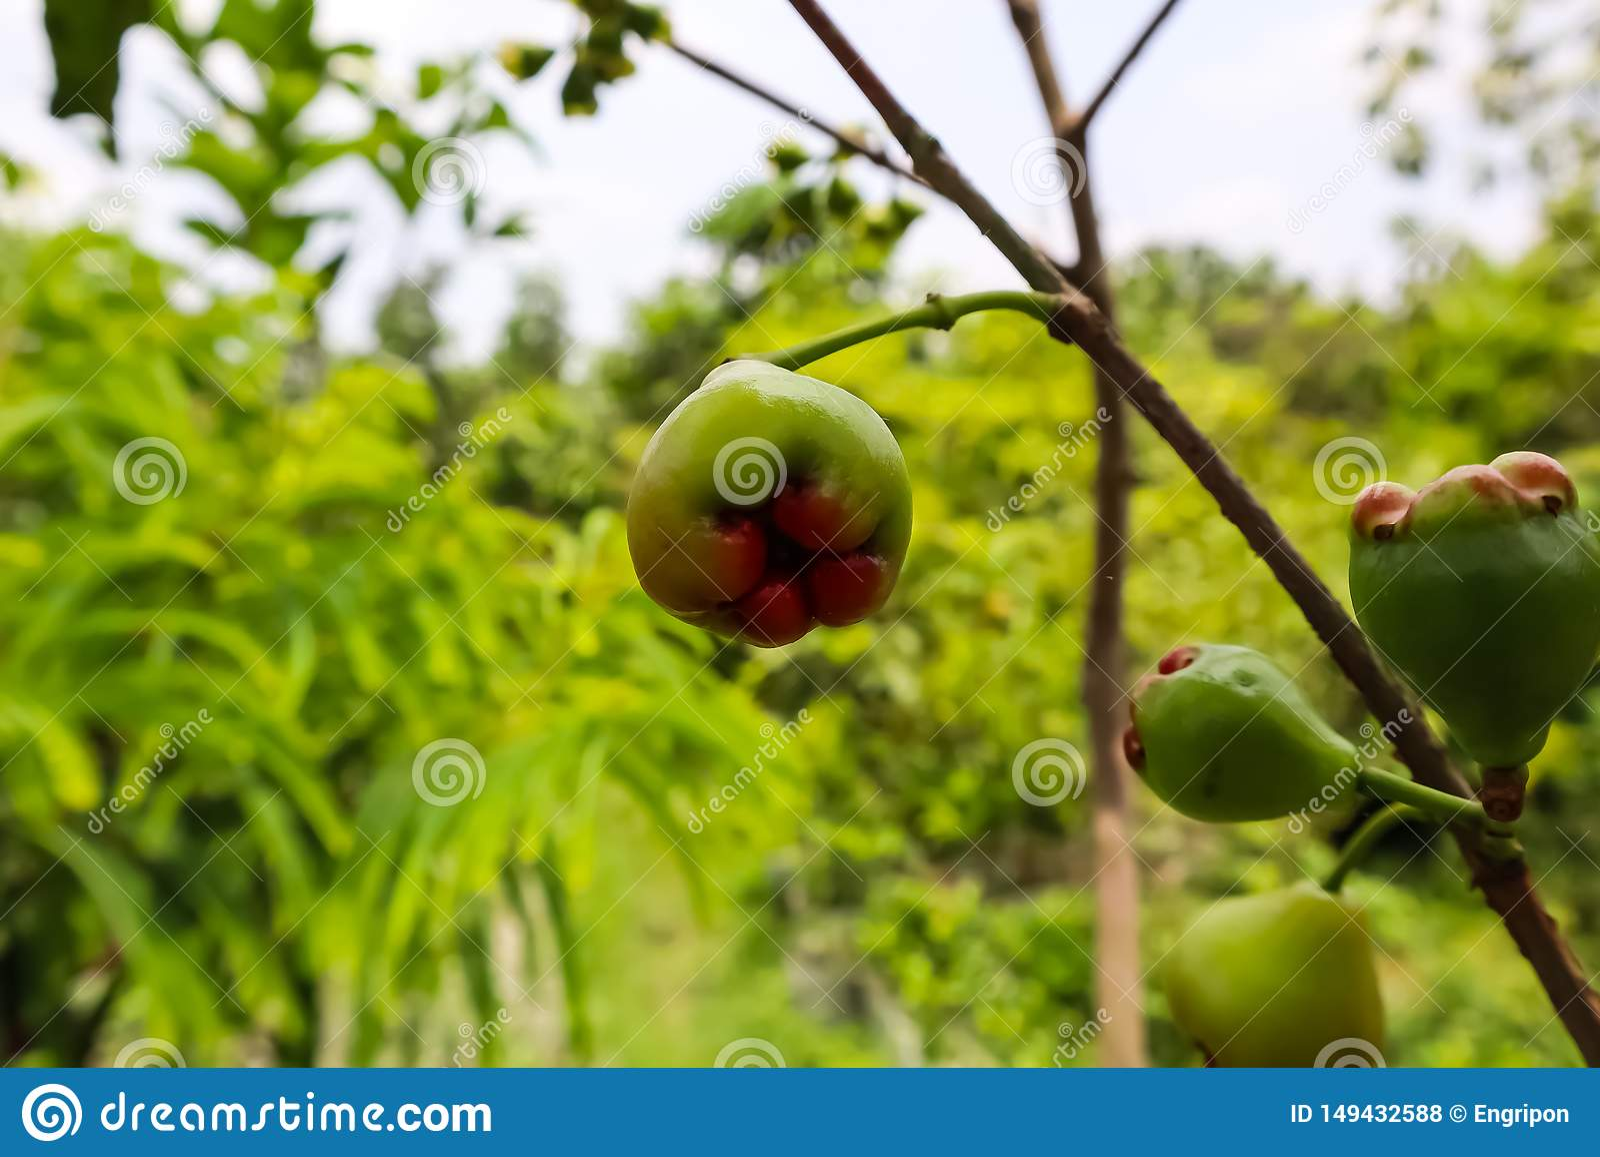 Μικρά φρούτα σύκων στον κλάδο του δέντρου